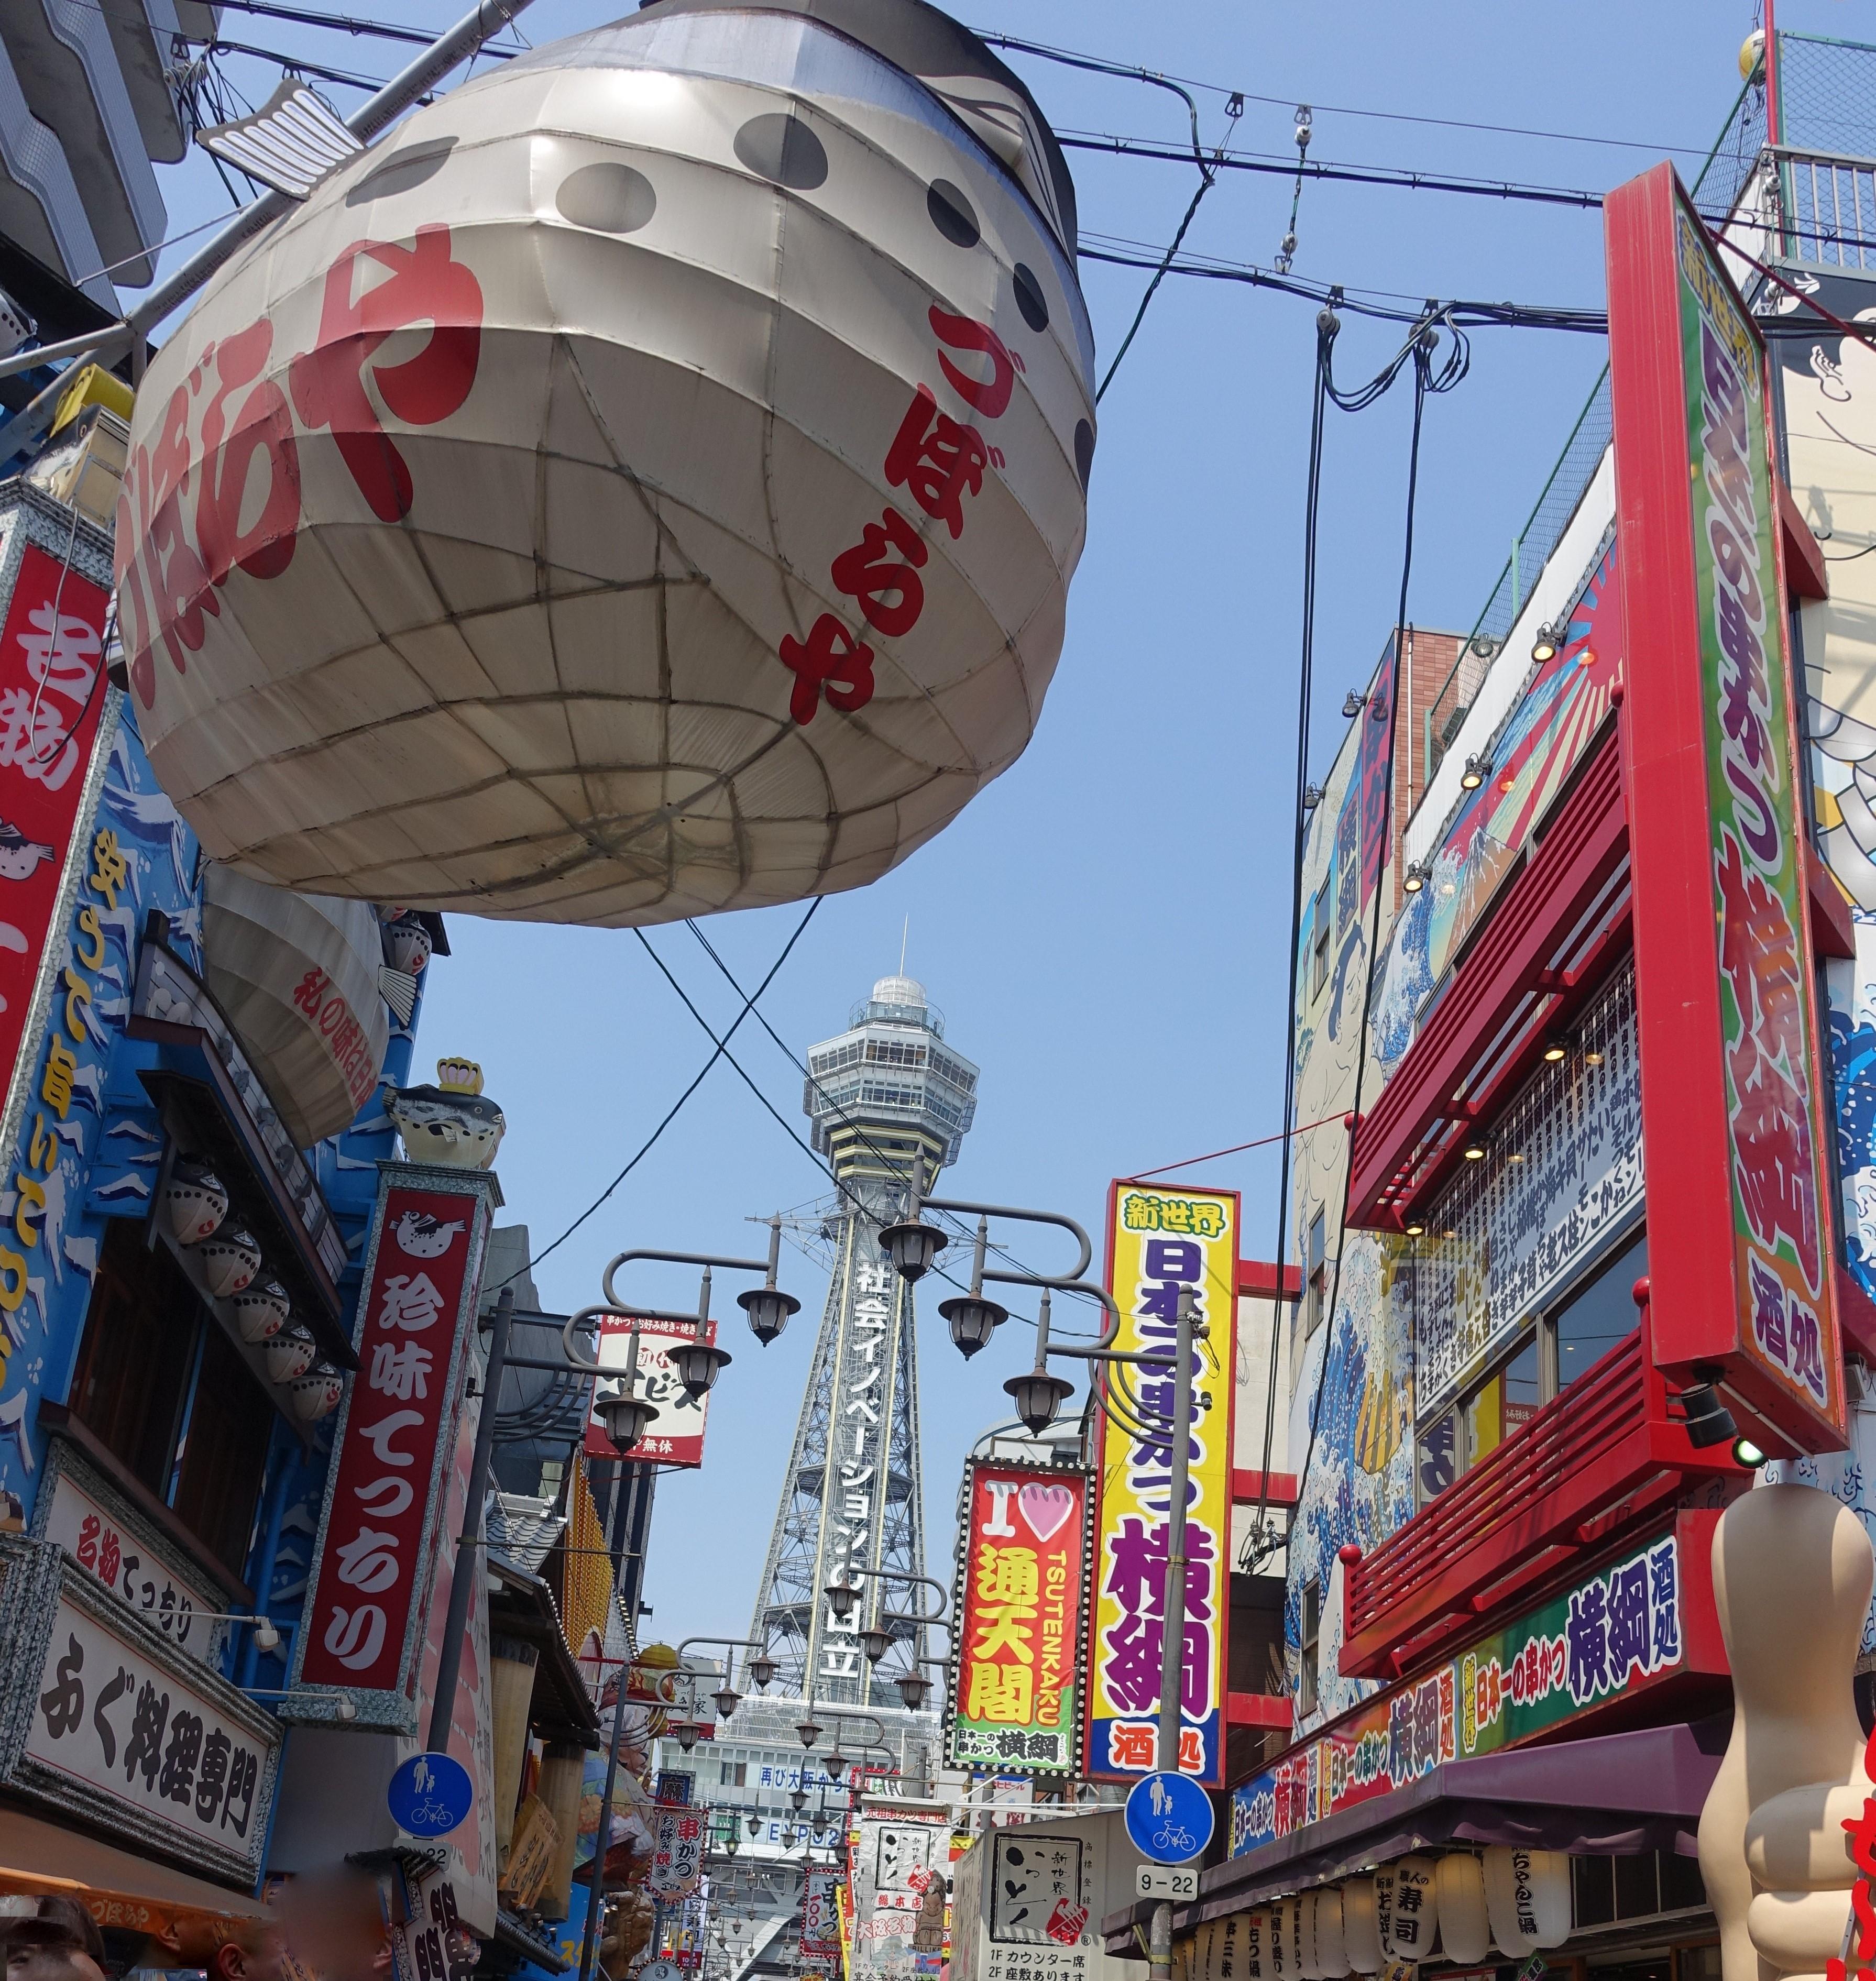 【グルメ】大阪新世界でバインミー!バインミーベトナムが本格的!